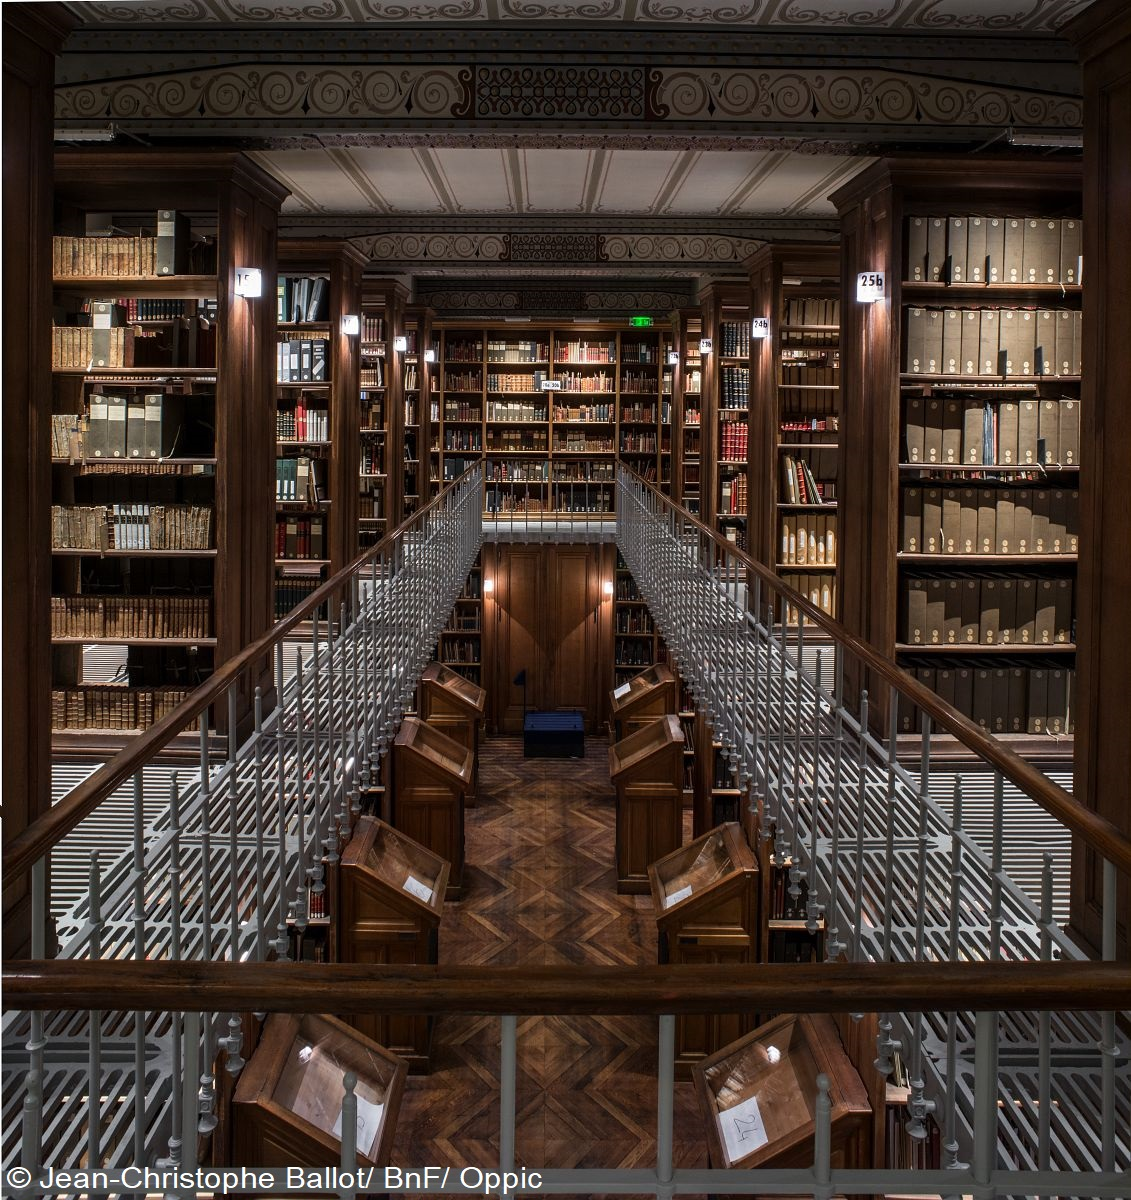 現在7 つの館で構成される🇫🇷国立図書館📖主に原稿、版画📜、地図🗺️、コインなどを保存するリシュリュー館は数年の改修期間を経て2017年に再び一般公開されました。有名なラブルスト観覧室は鉄、ガラス、陶磁器を使用した大胆なデザインで、当時の人々を驚かせたそうです✨ #読書の夕べ https://t.co/1gV0uC8Fhn